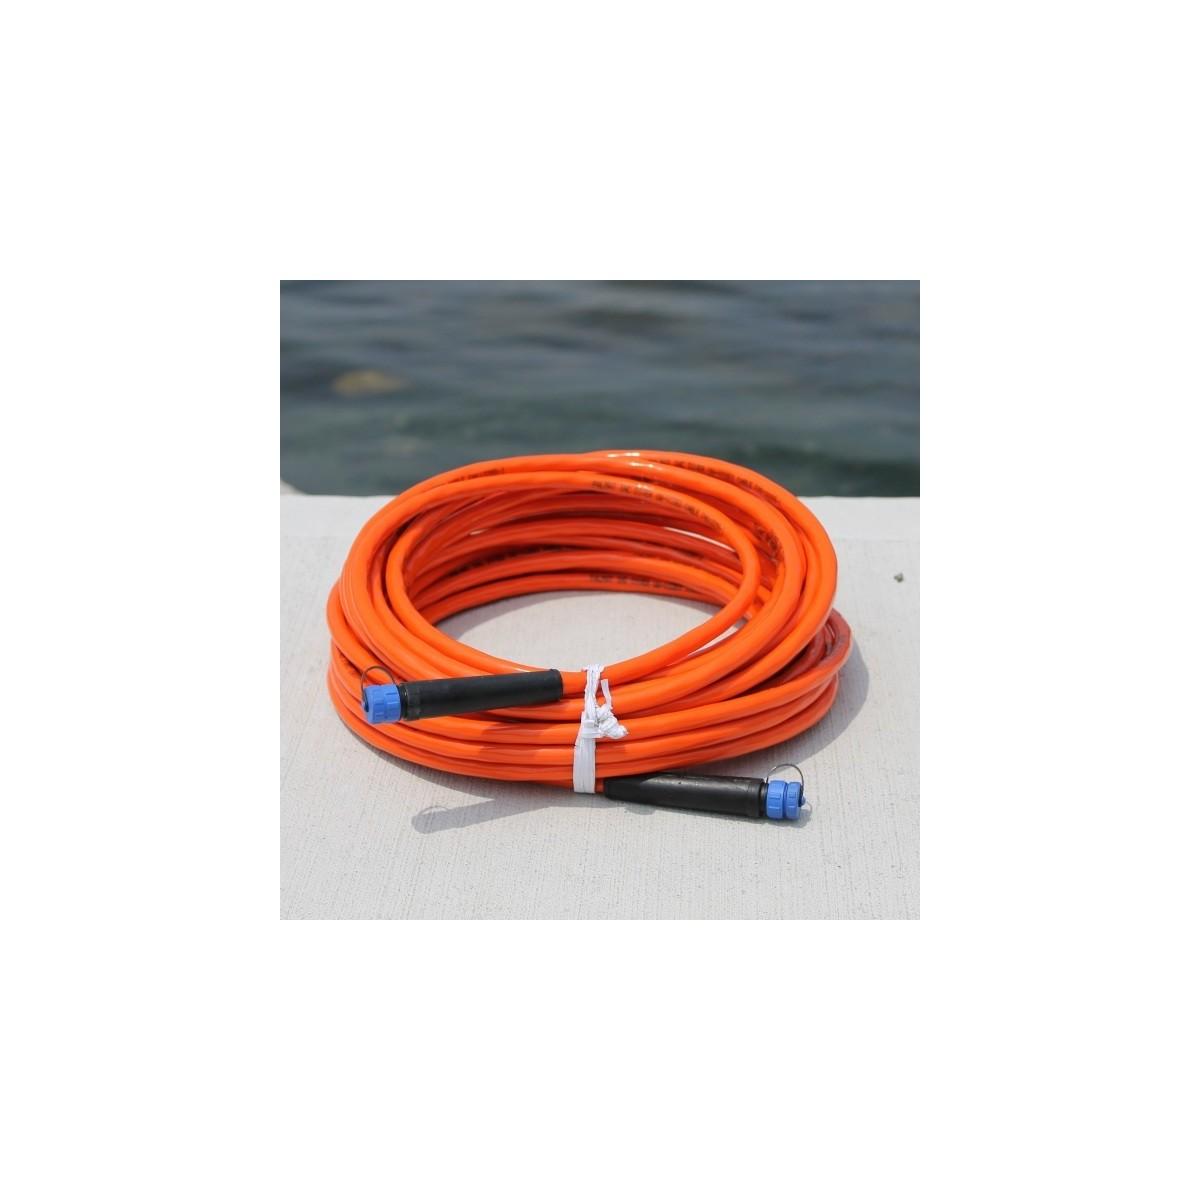 Aquabotix 50' Cable for AquaLens Pro